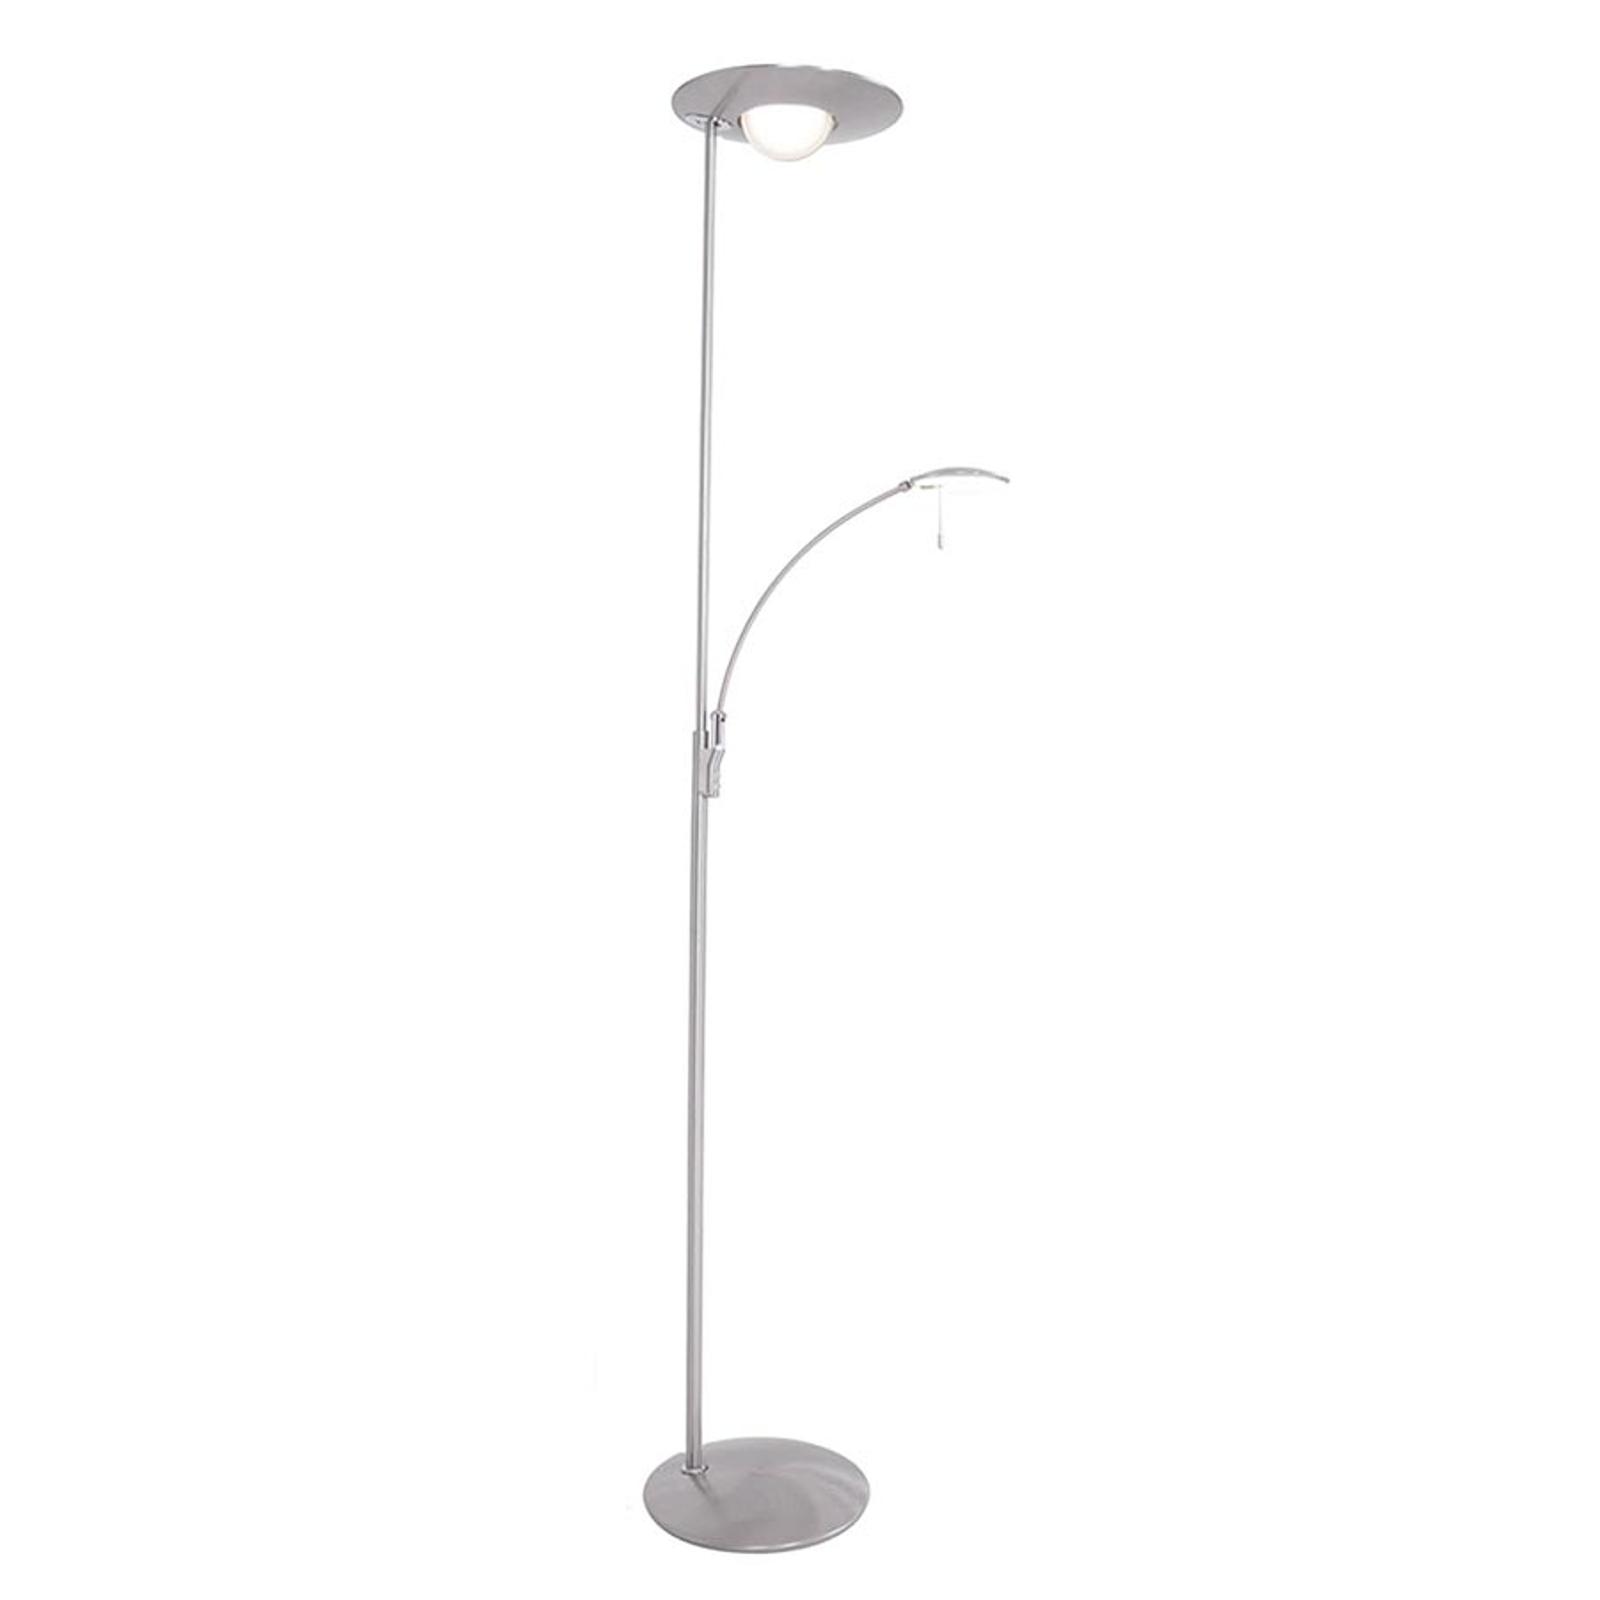 Med lysdæmper – LED-gulvlampe Zenith med læselampe